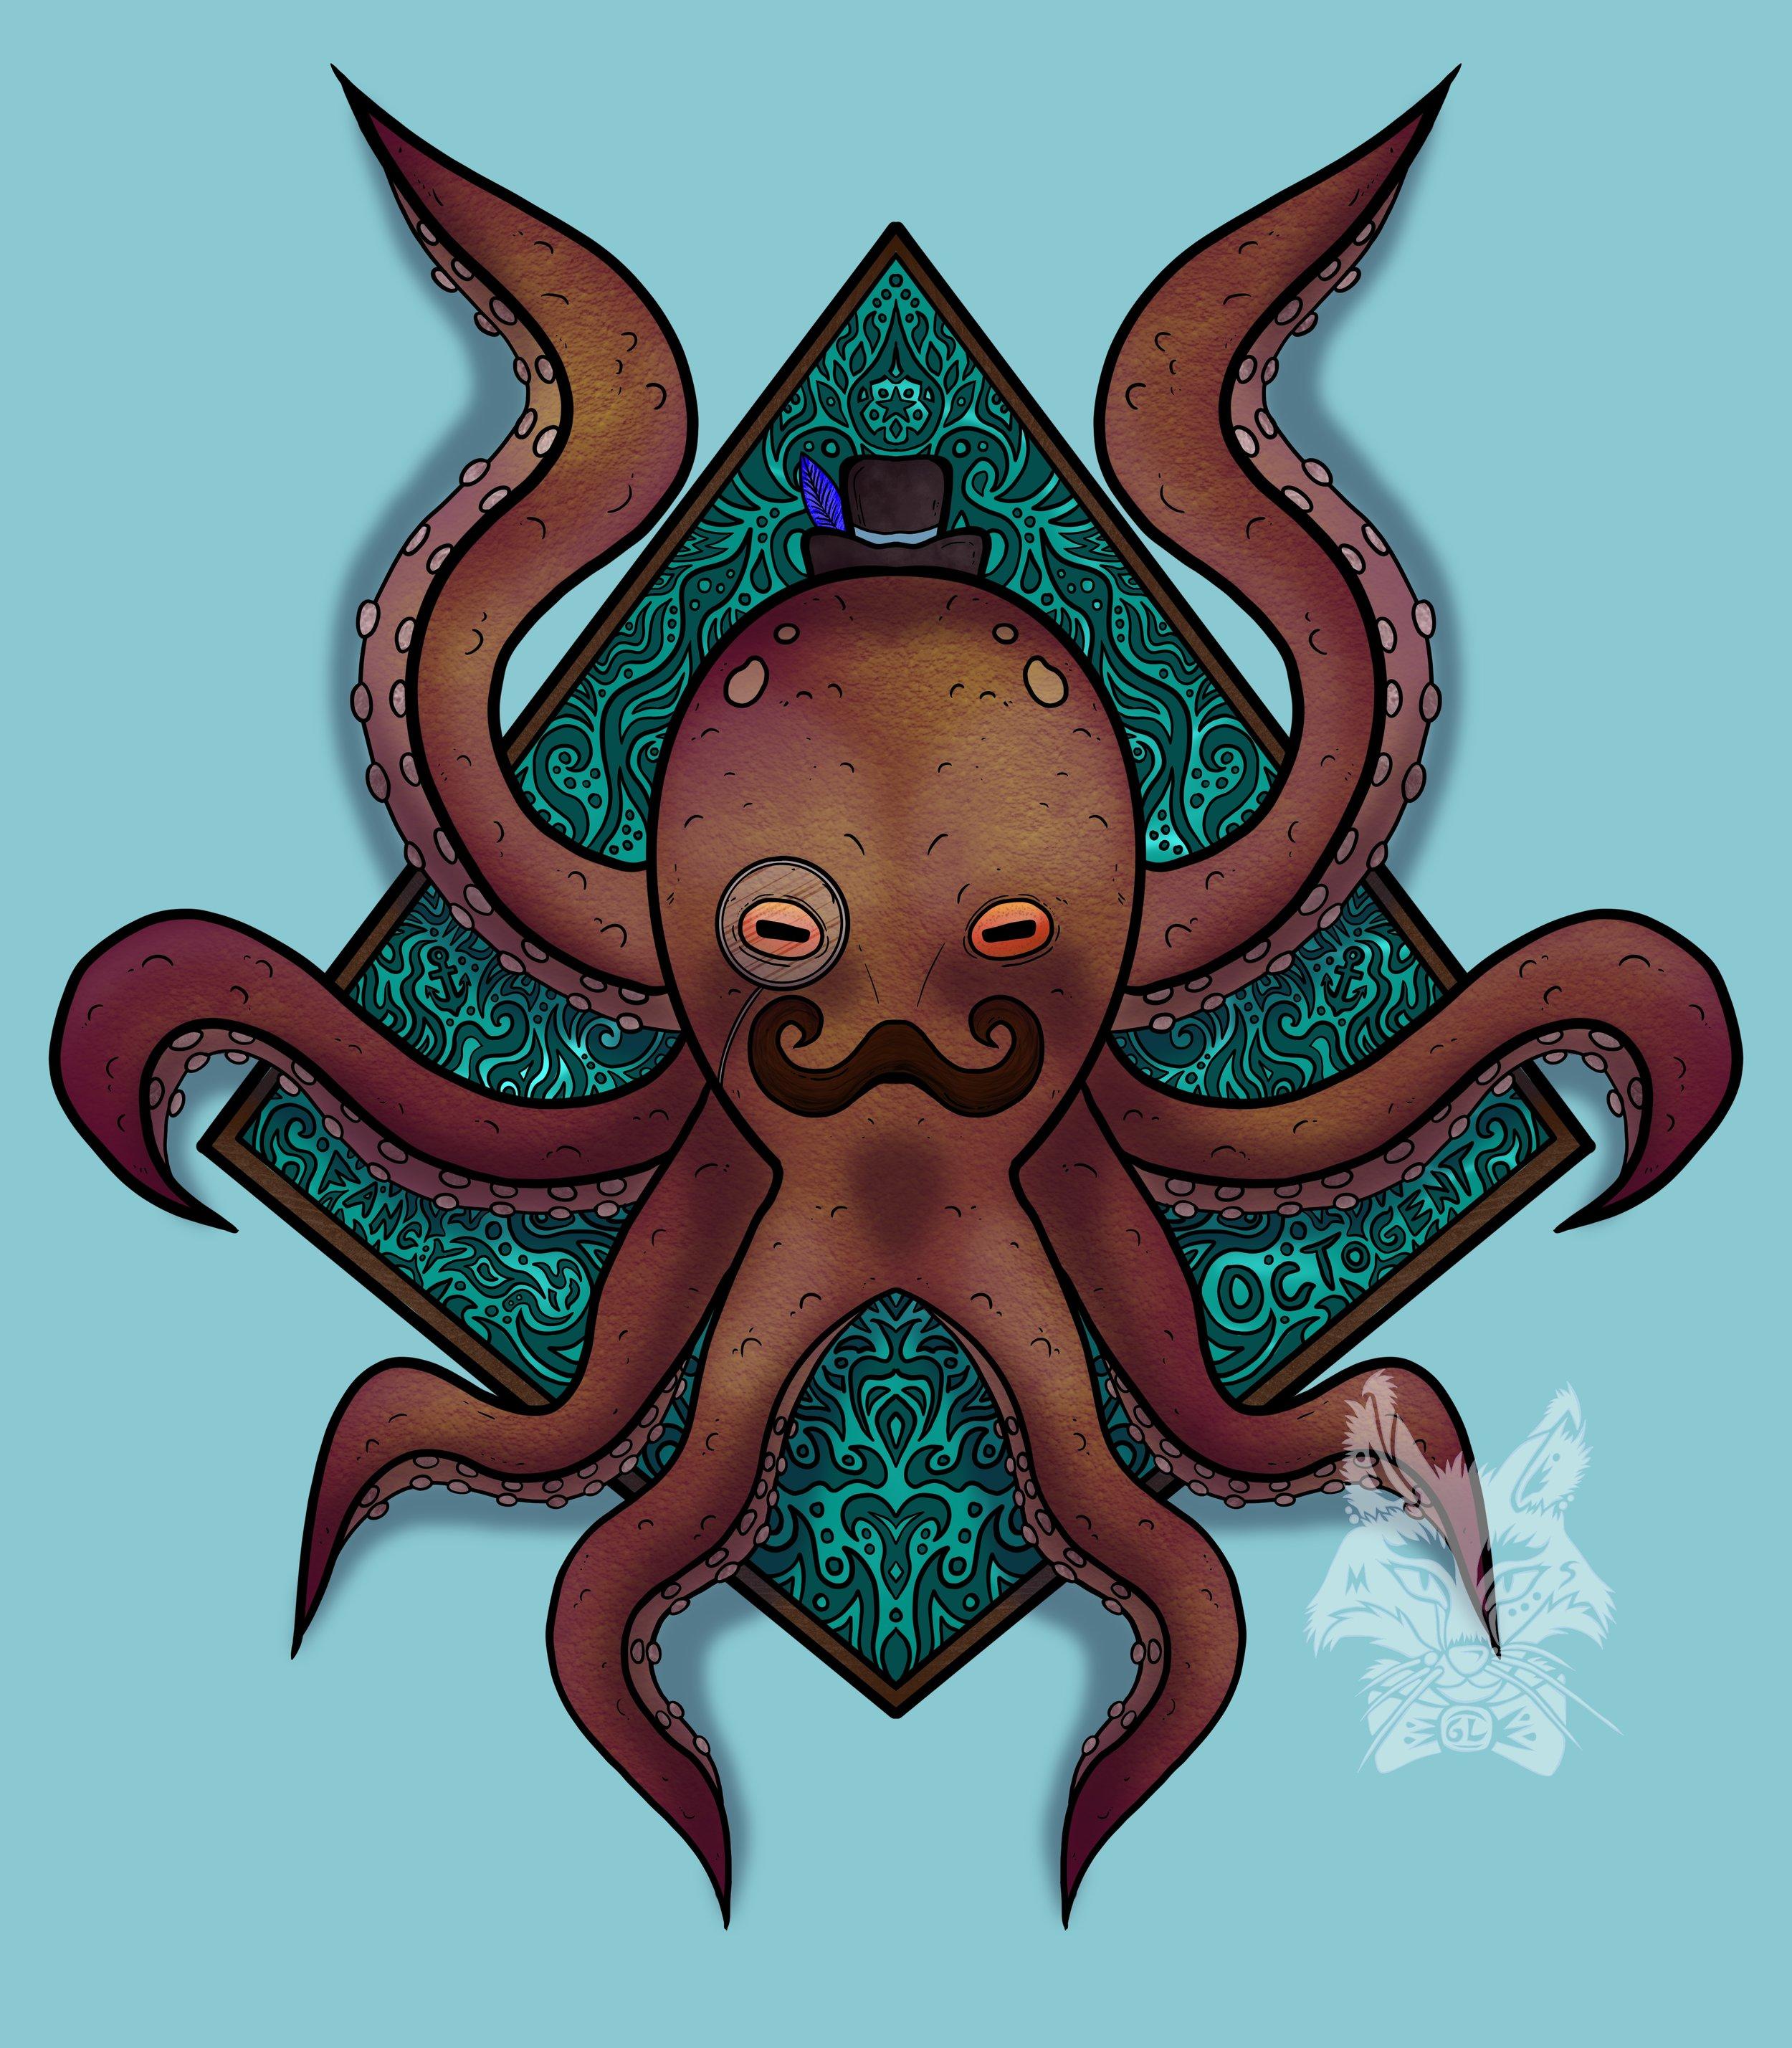 Octogent (1).jpg